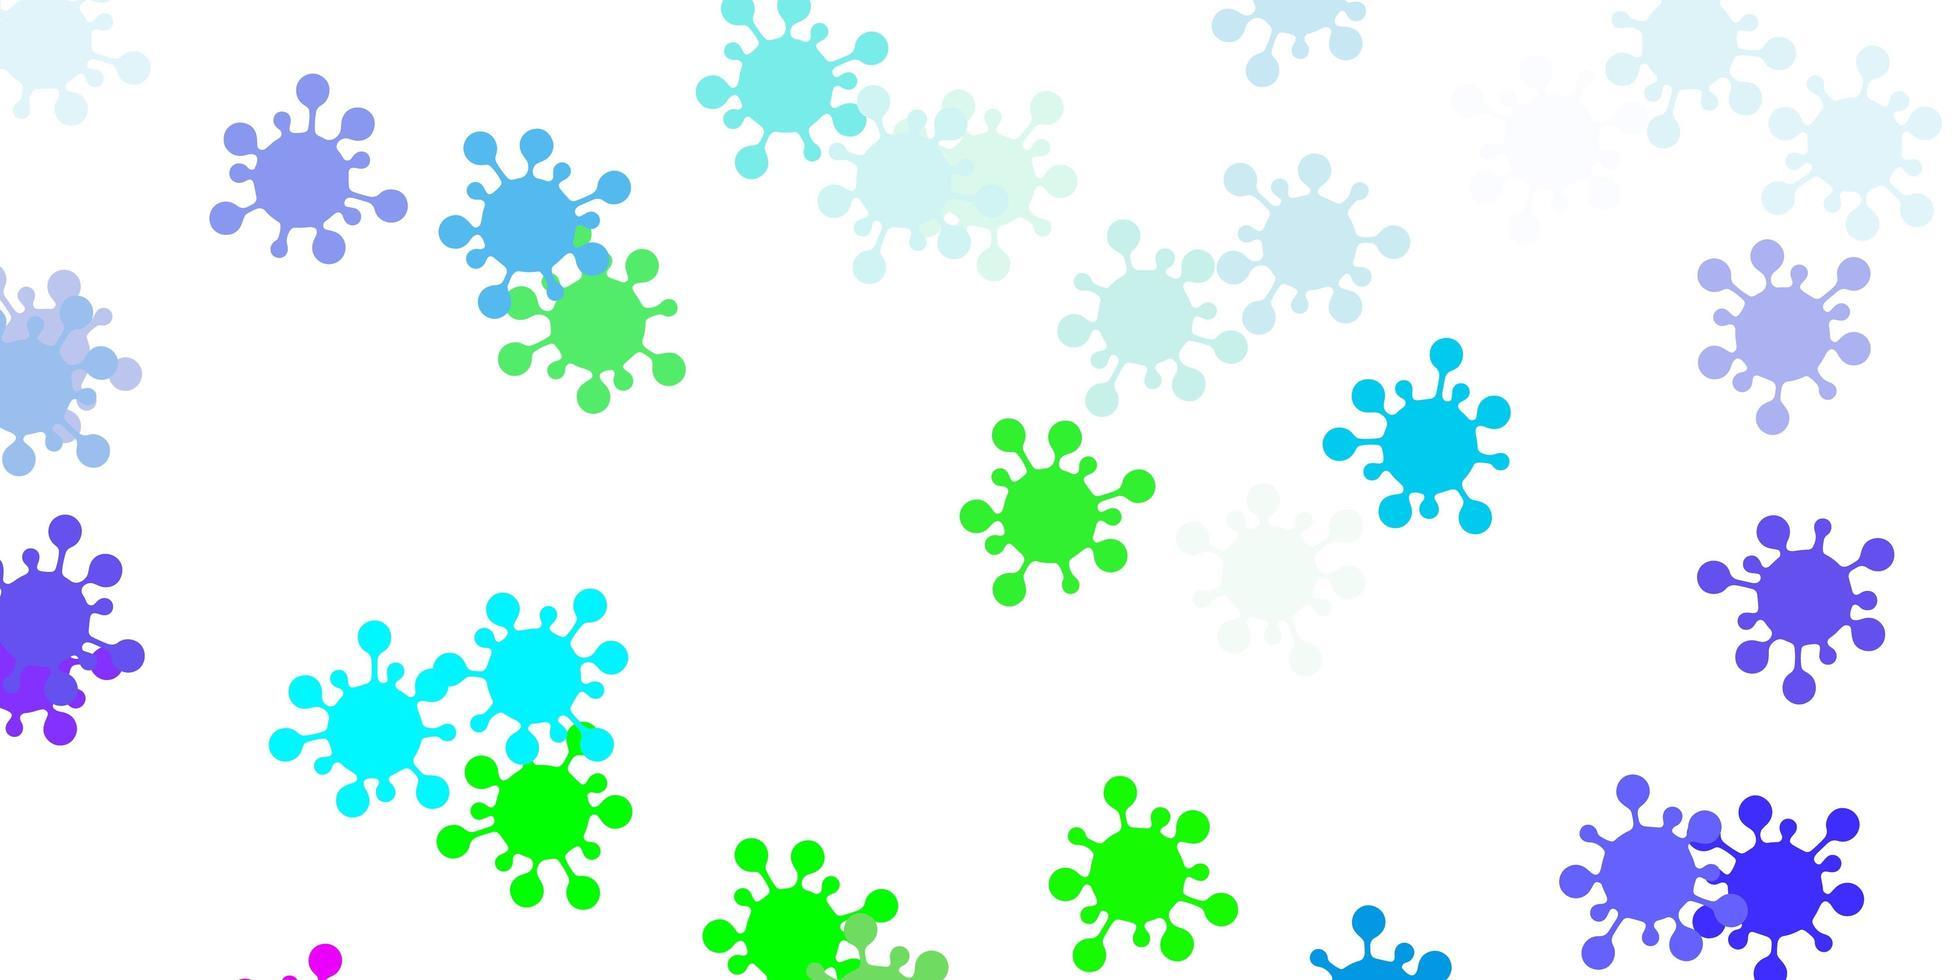 flerfärgad bakgrund med covid-19 symboler. vektor